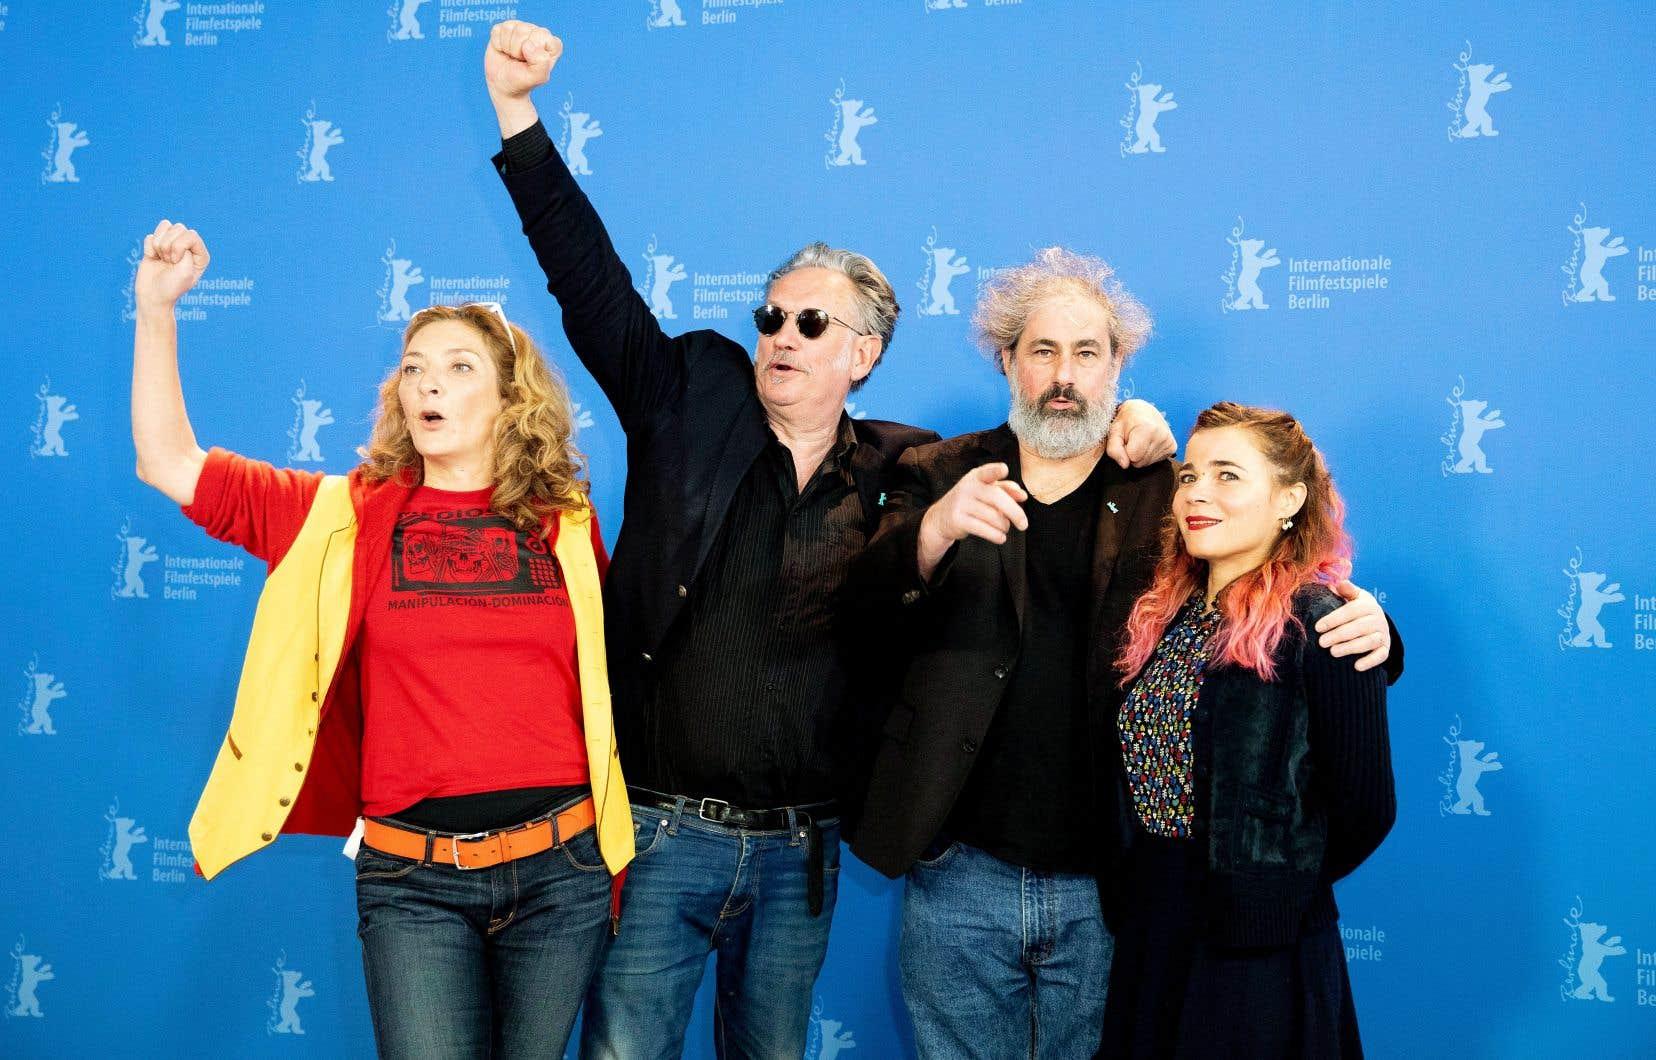 Les actrices Corinne Masiero et Blanche Gardin entouraient lundi les réalisateurs Benoît Delépine et Gustave Kervern lors de la présentation de leur comédie bien sentie à l'heure du numérique, «Effacer l'historique», à la Berlinale.